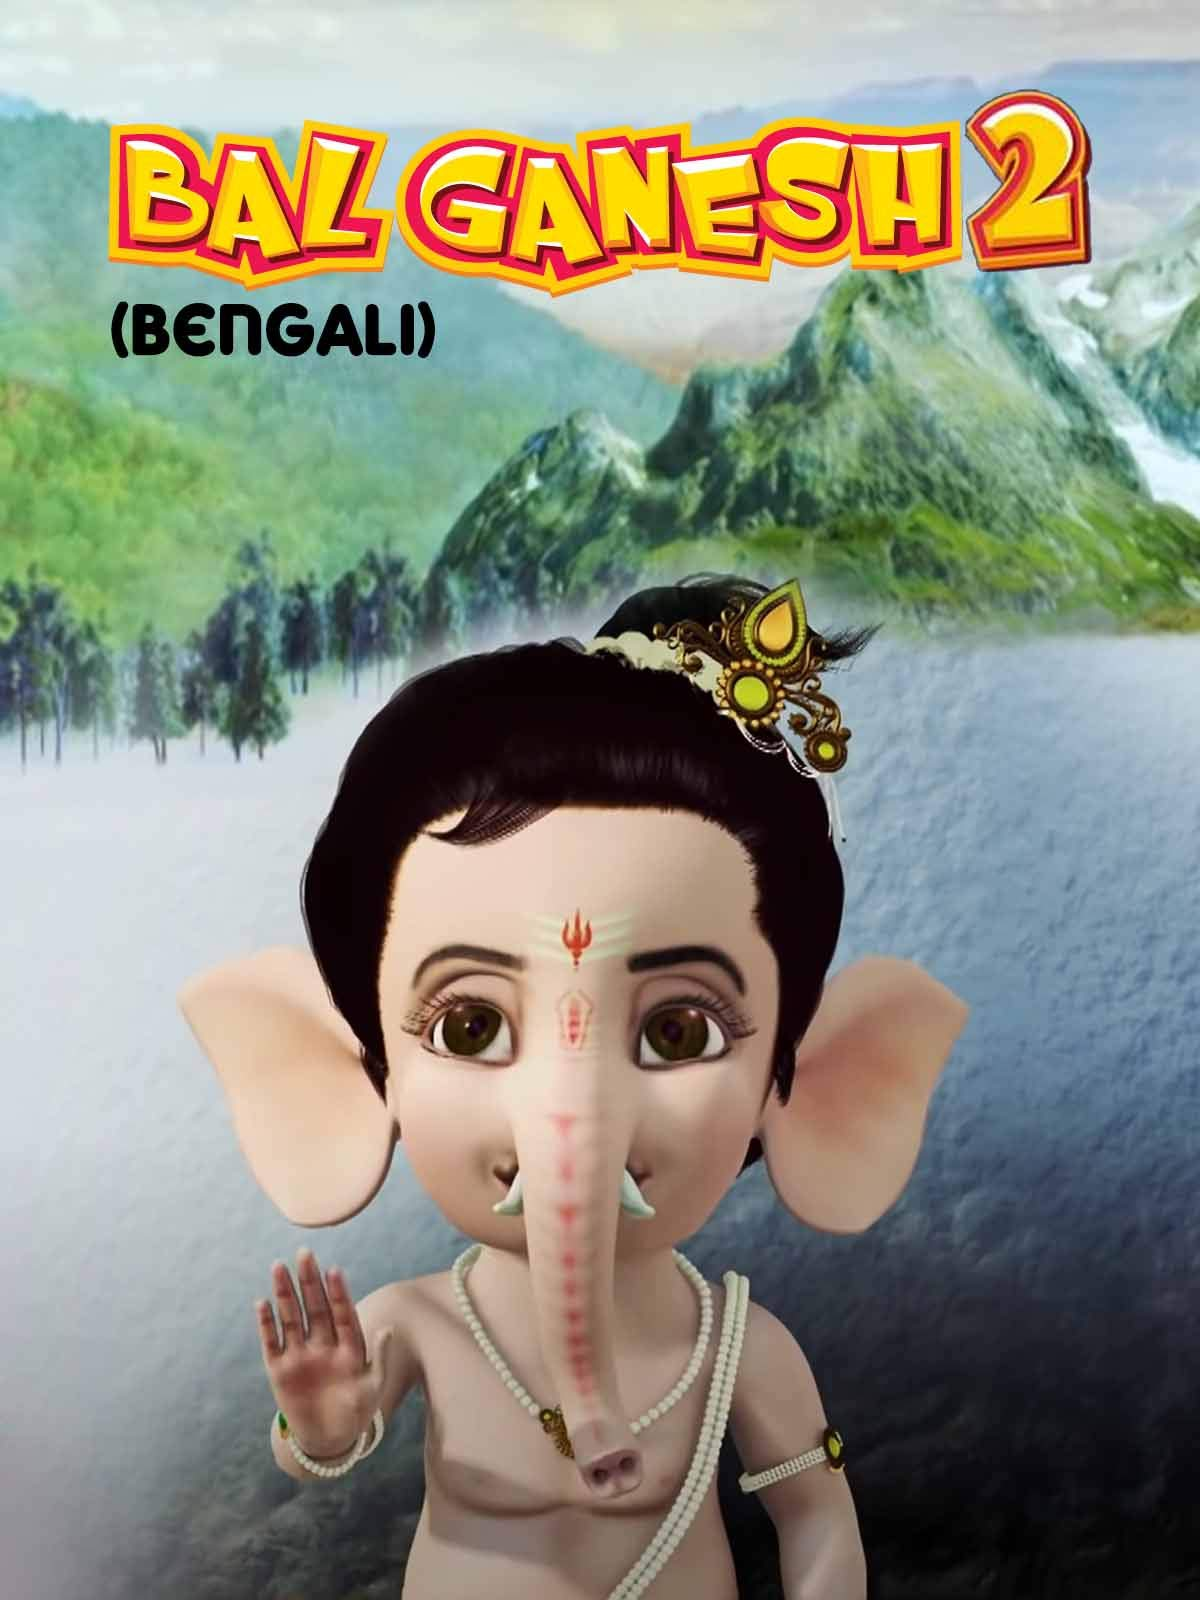 Bal Ganesh 2 (Bengali)